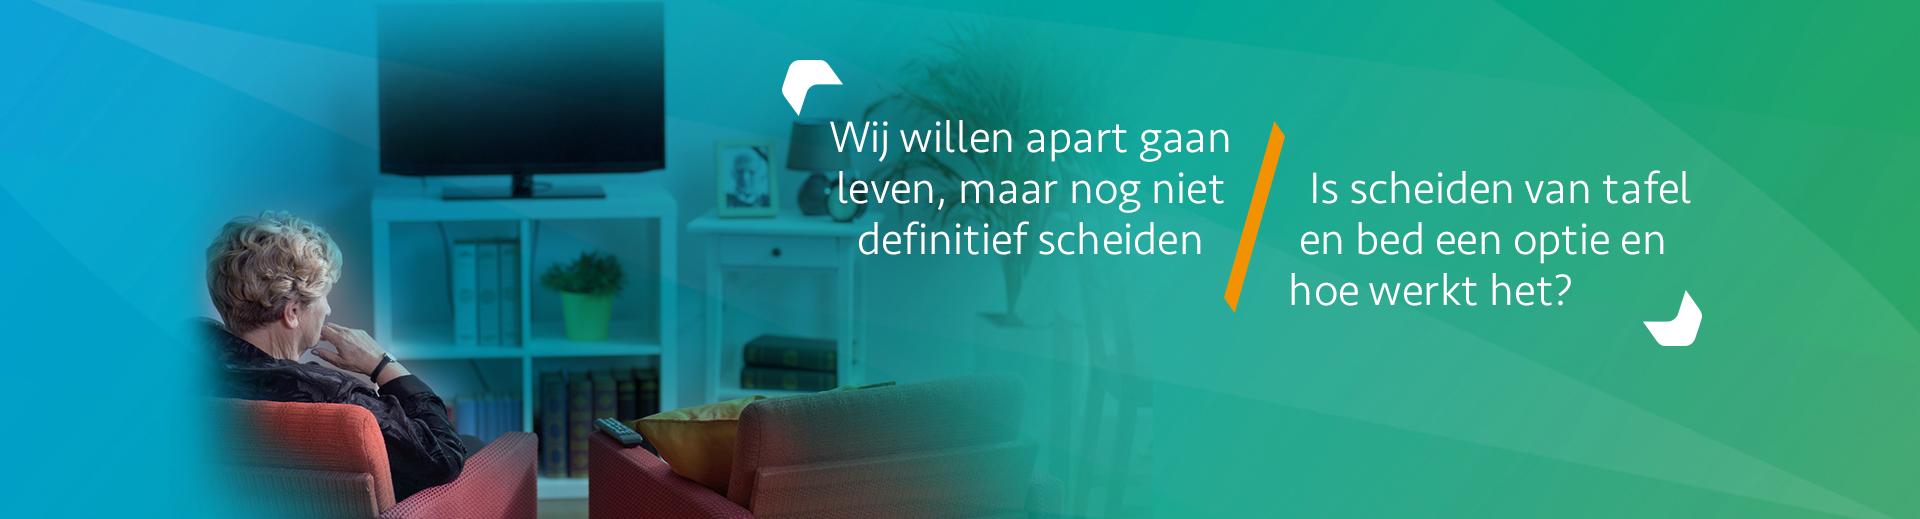 Wat is scheiden van tafel en bed - Scheidingsplanner Hilversum - Bilthoven - Soest